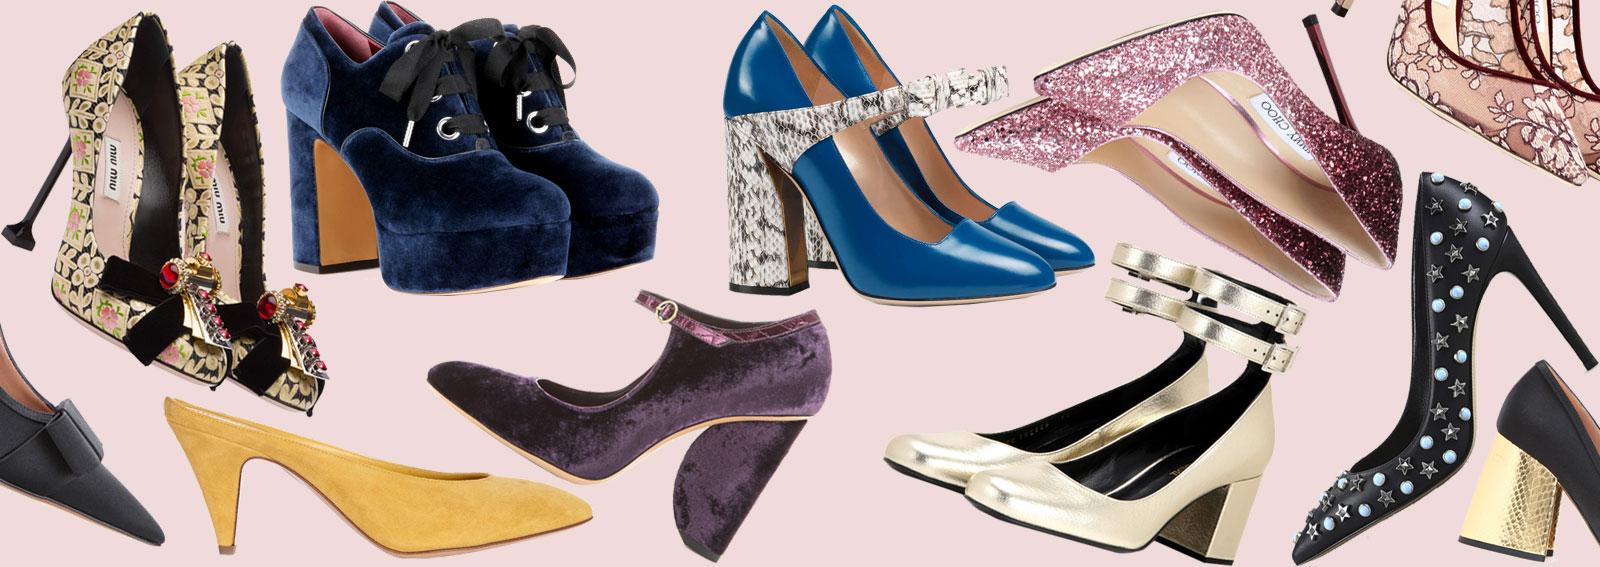 cover scarpe con tacco i modelli protagonisti dekstop